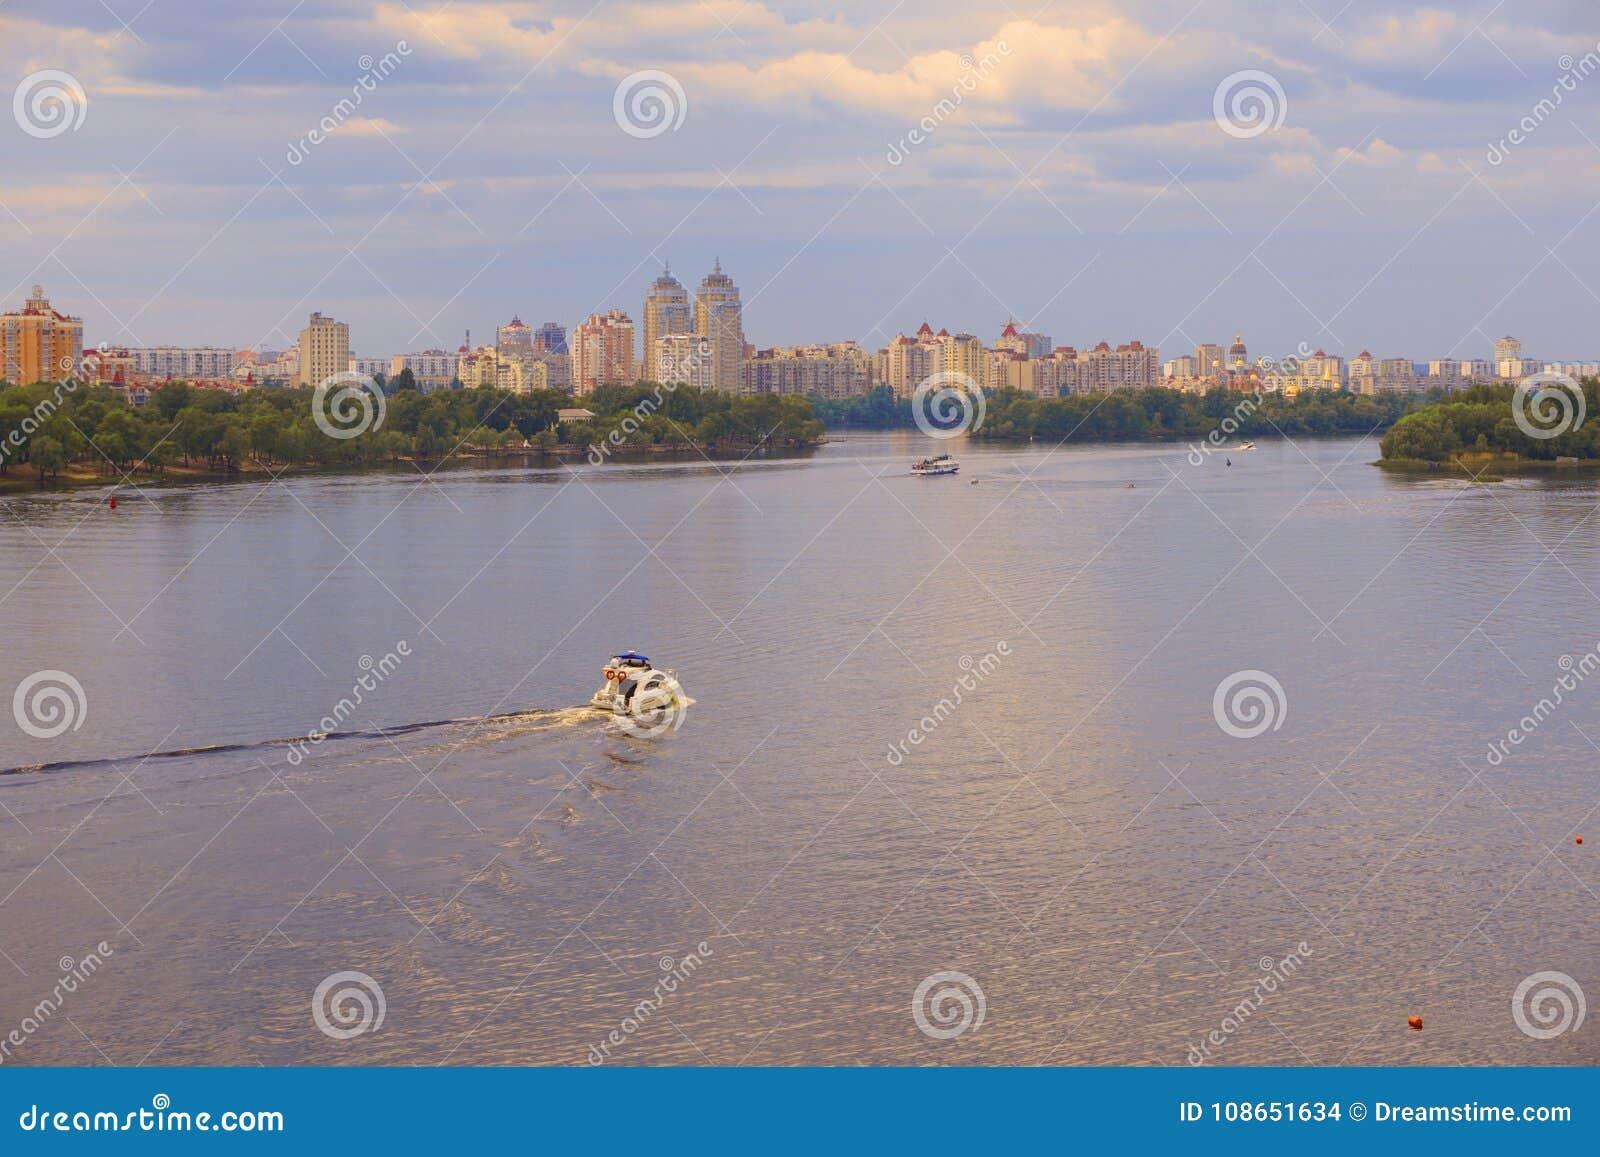 Jachtu statek, łódź iść na powierzchni Zaporoski Dnipro, Dnepr rzeka przeciw tłu miasto drapacze chmur